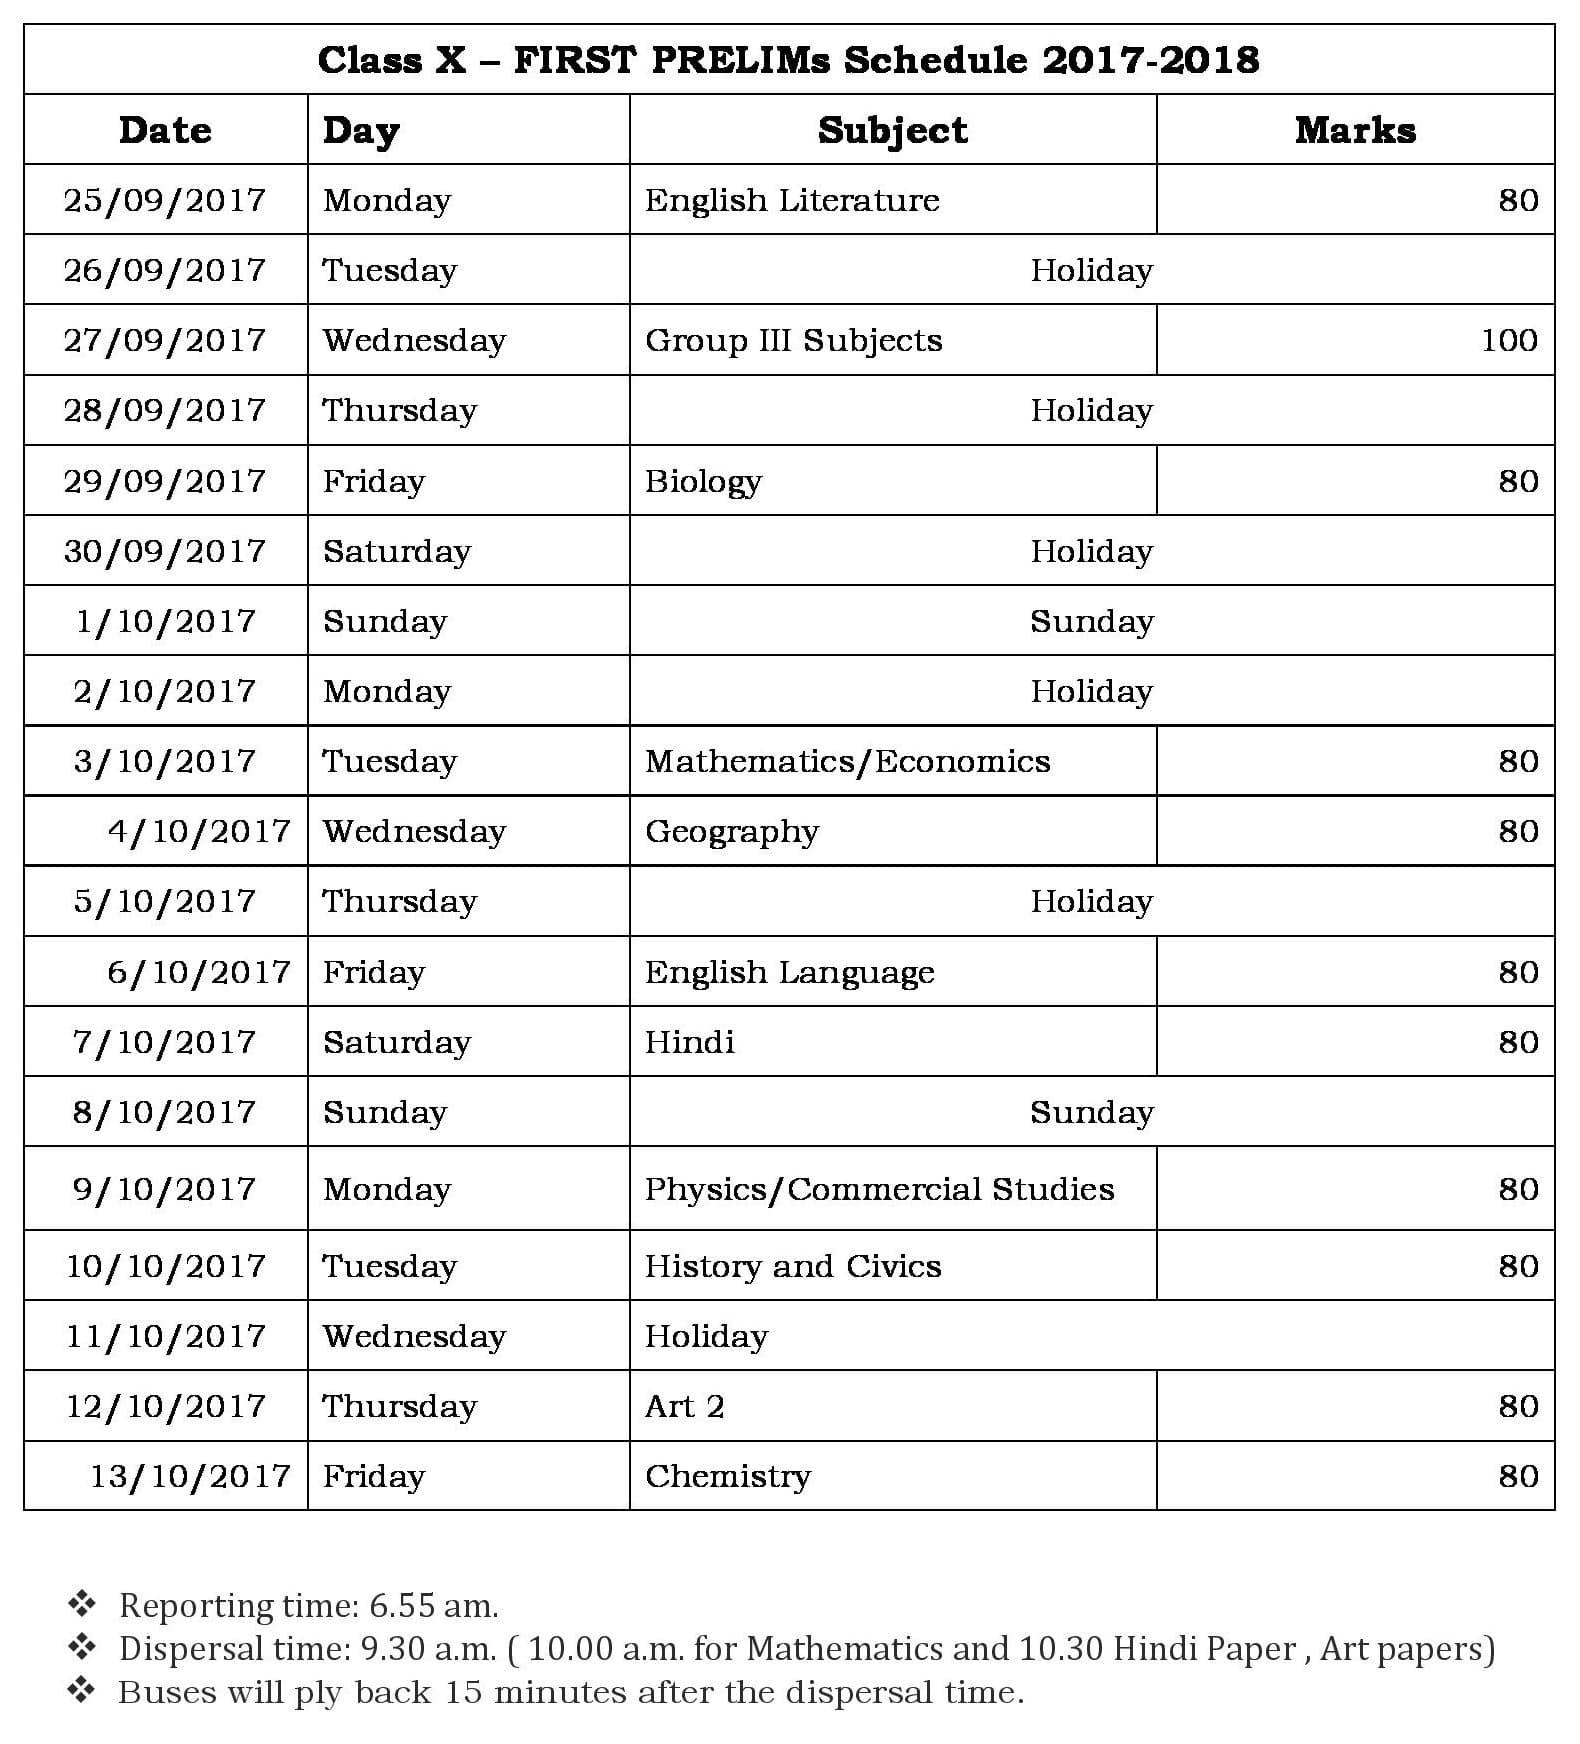 FIRST PRELIMs Schedule 2017-2018